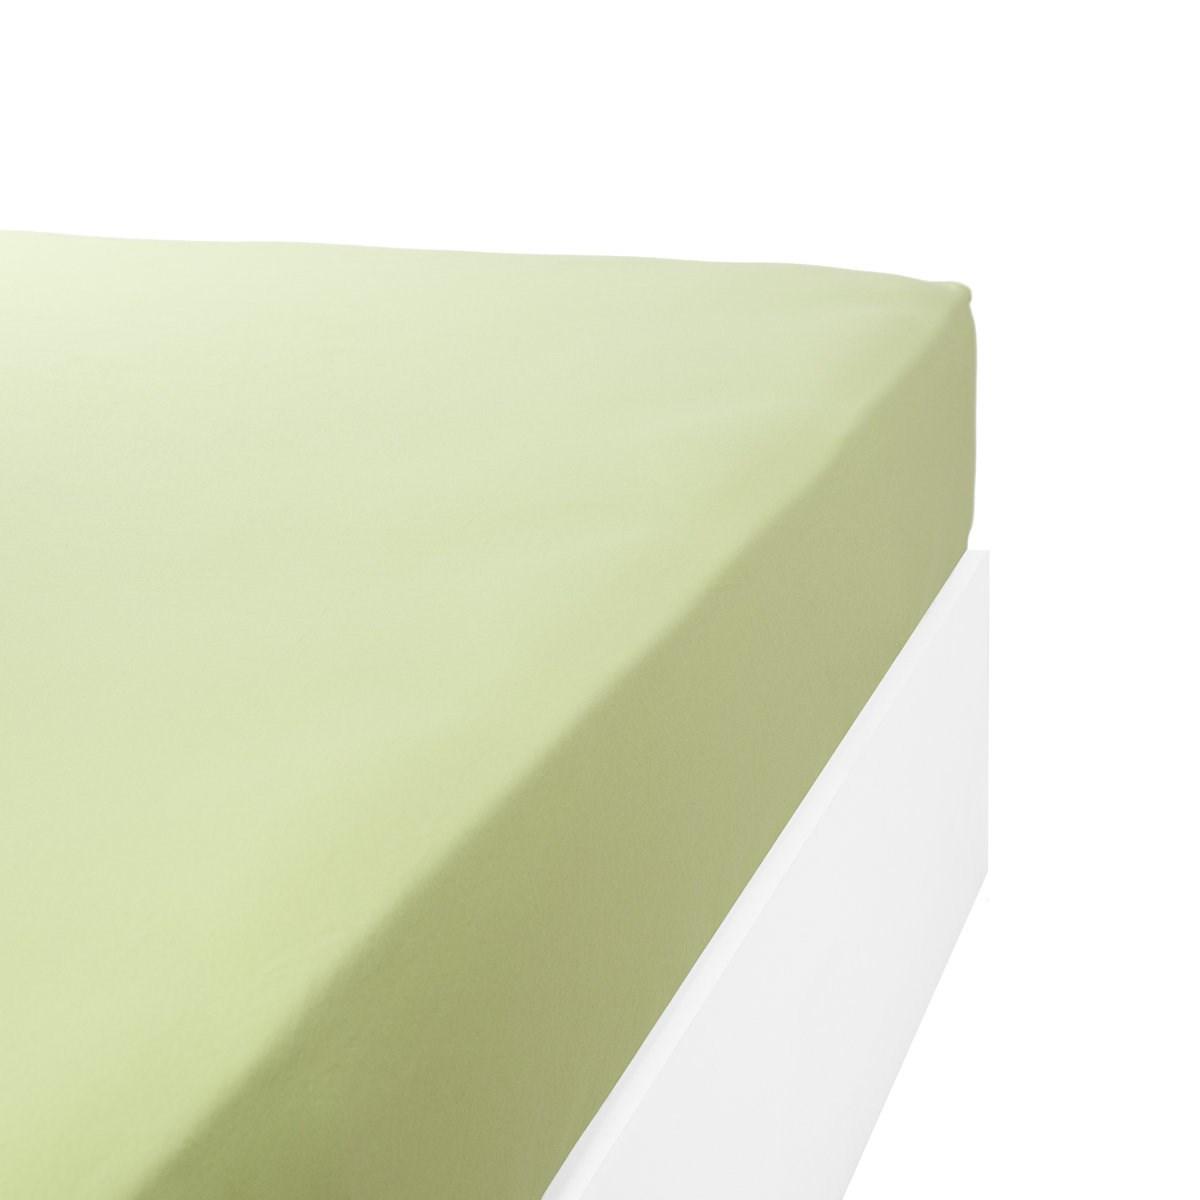 Drap housse jersey extensible en coton vert anis 70x190 cm